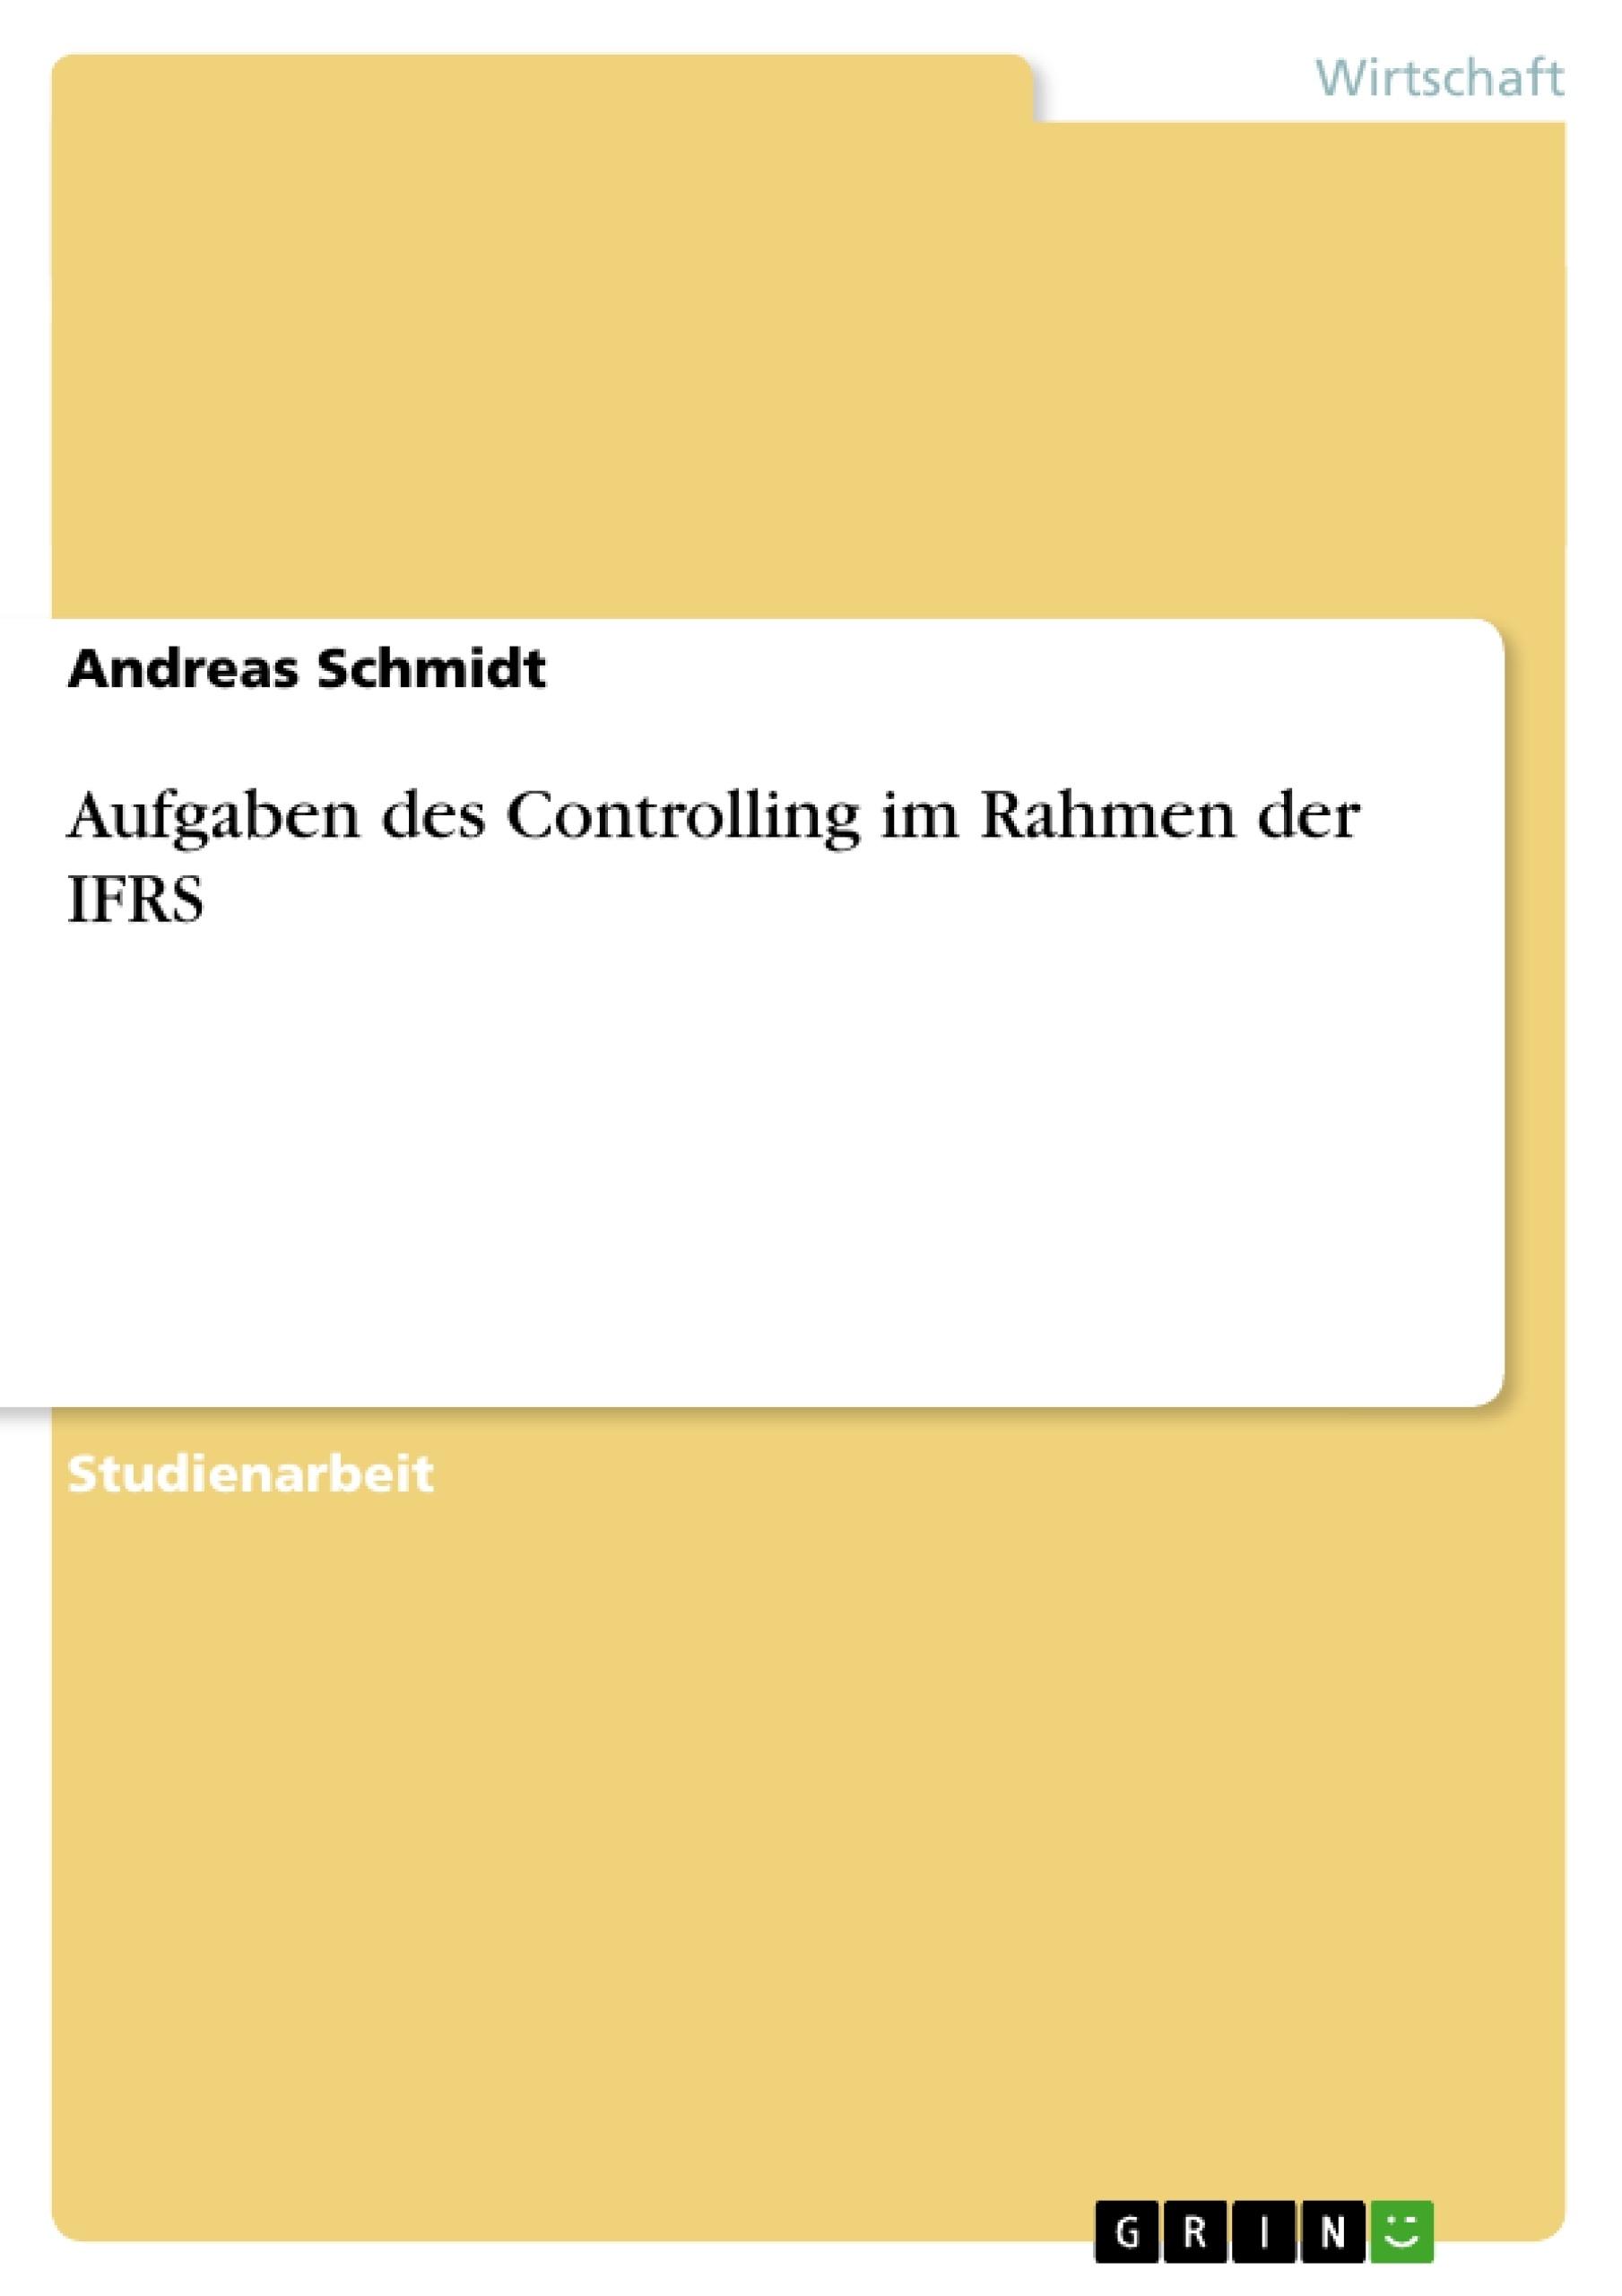 Titel: Aufgaben des Controlling im Rahmen der IFRS